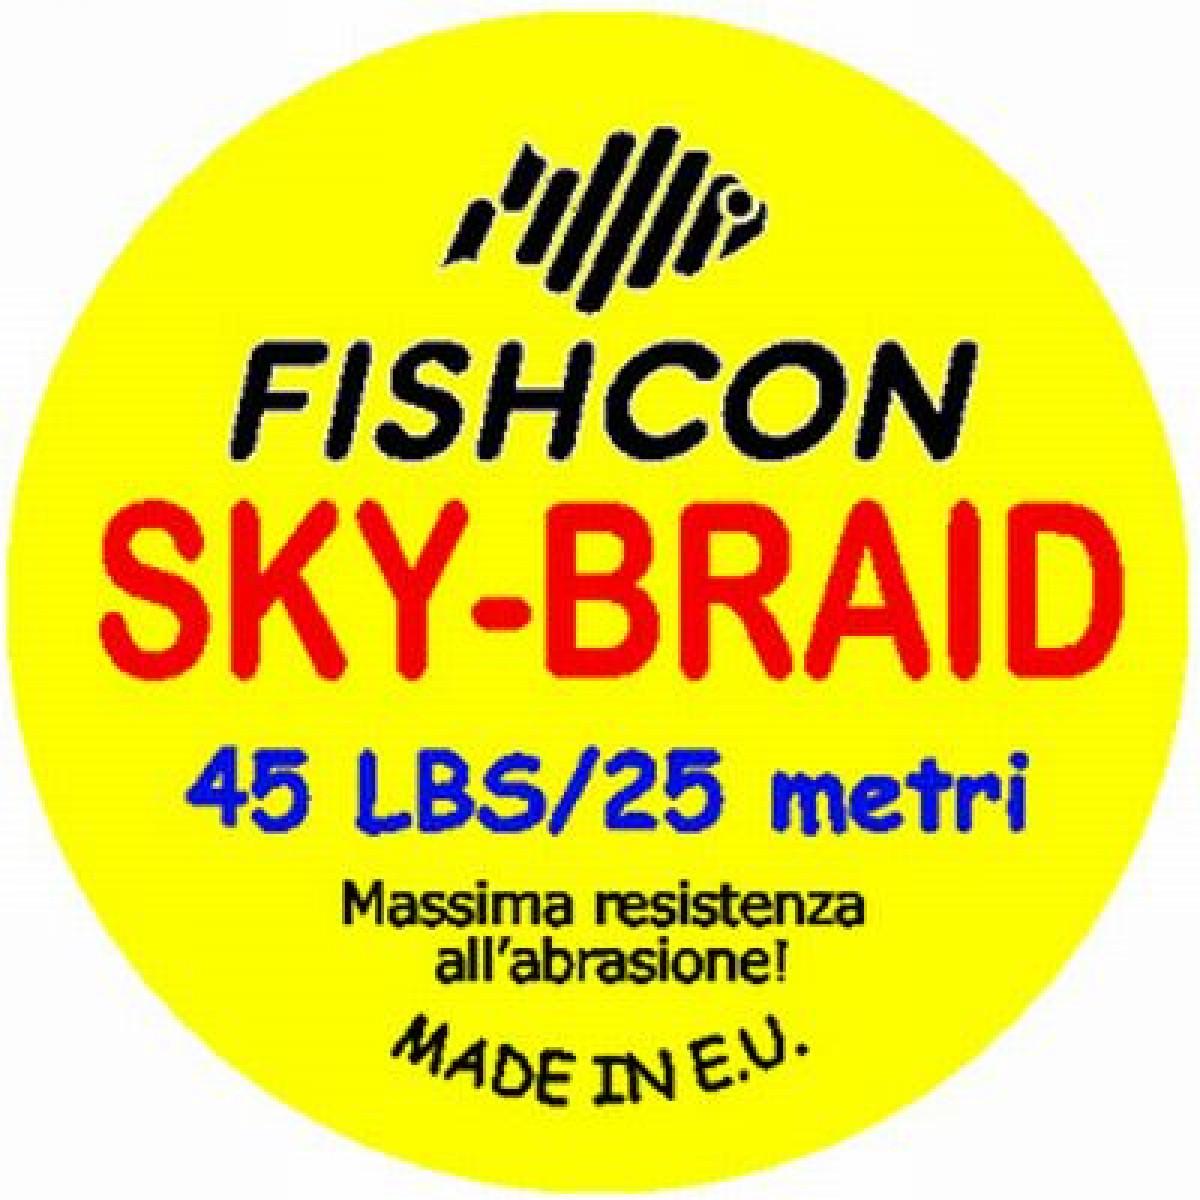 Sky Braid